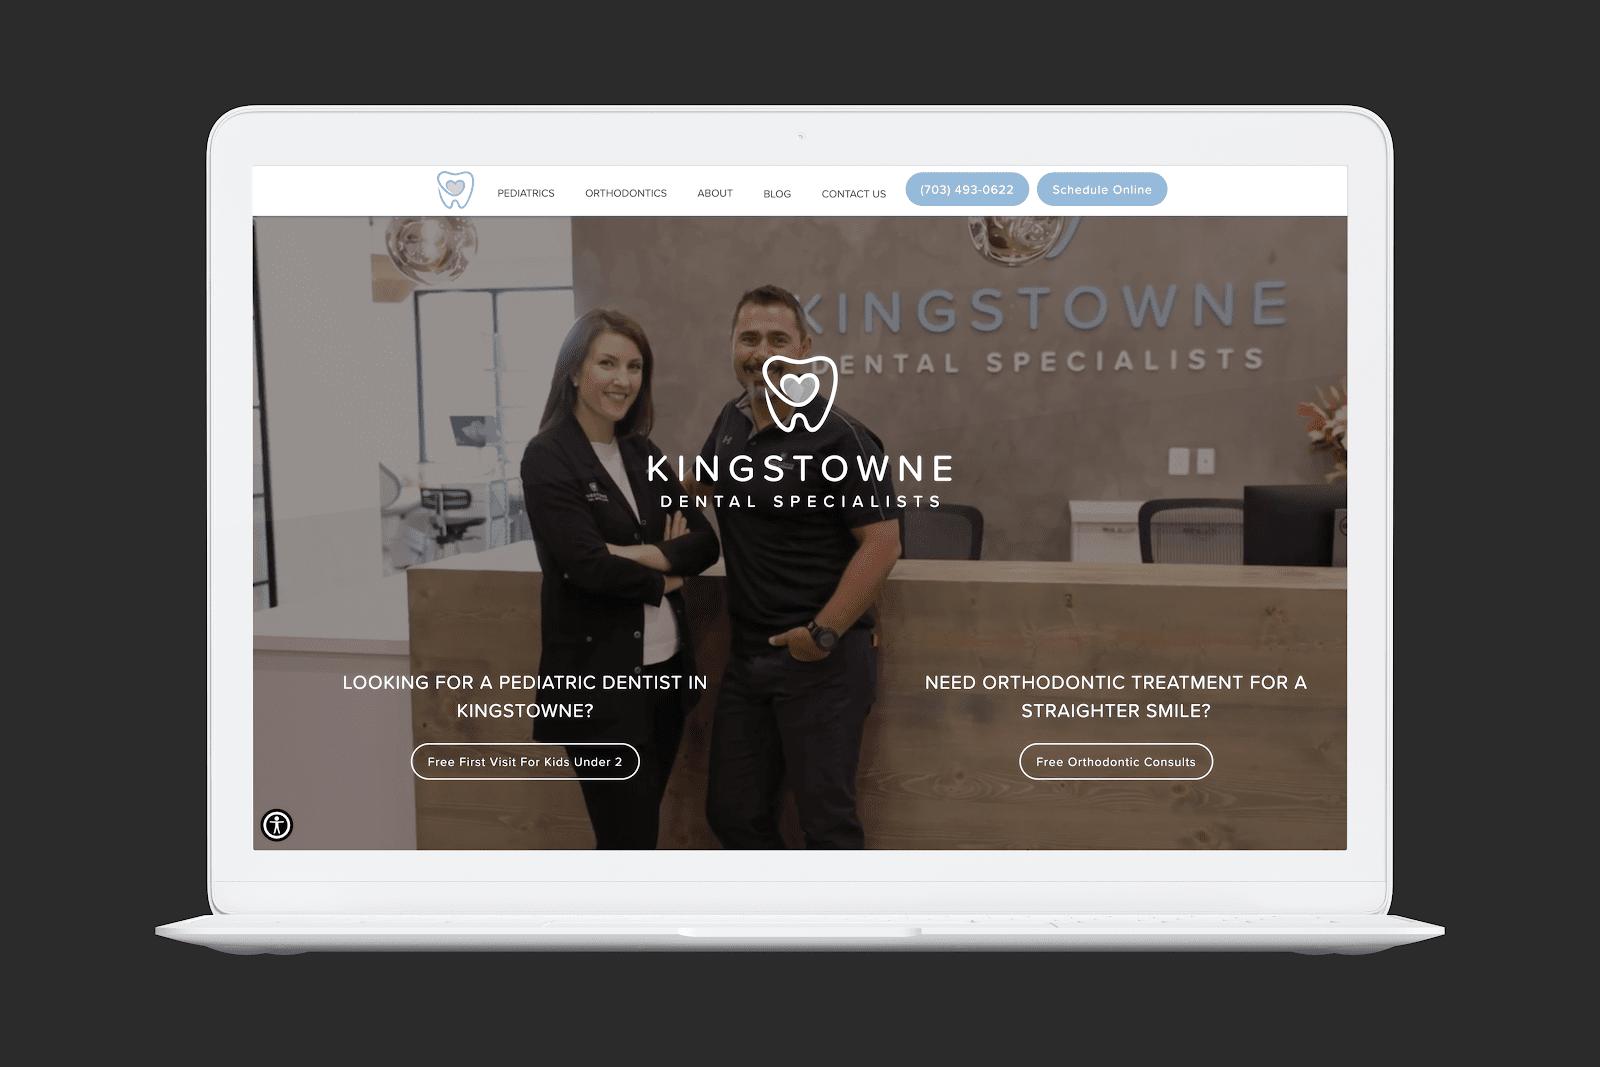 Kingstowne Dental Specialists Homepage Screengrab